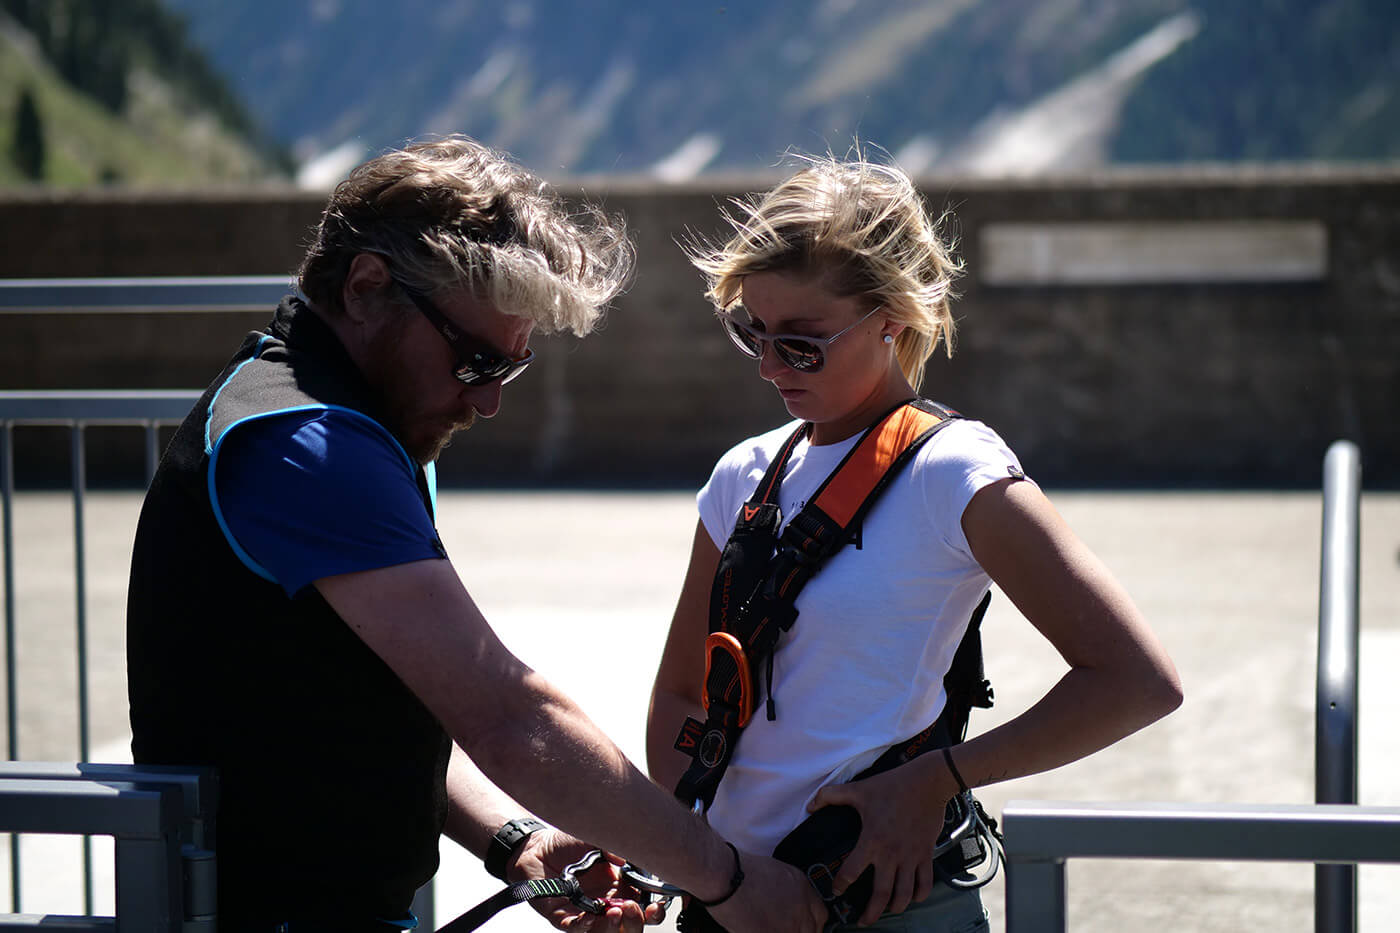 Innsbruck Kletterausrüstung Verleih : Verleih der klettersteigausrüstung an staumauer